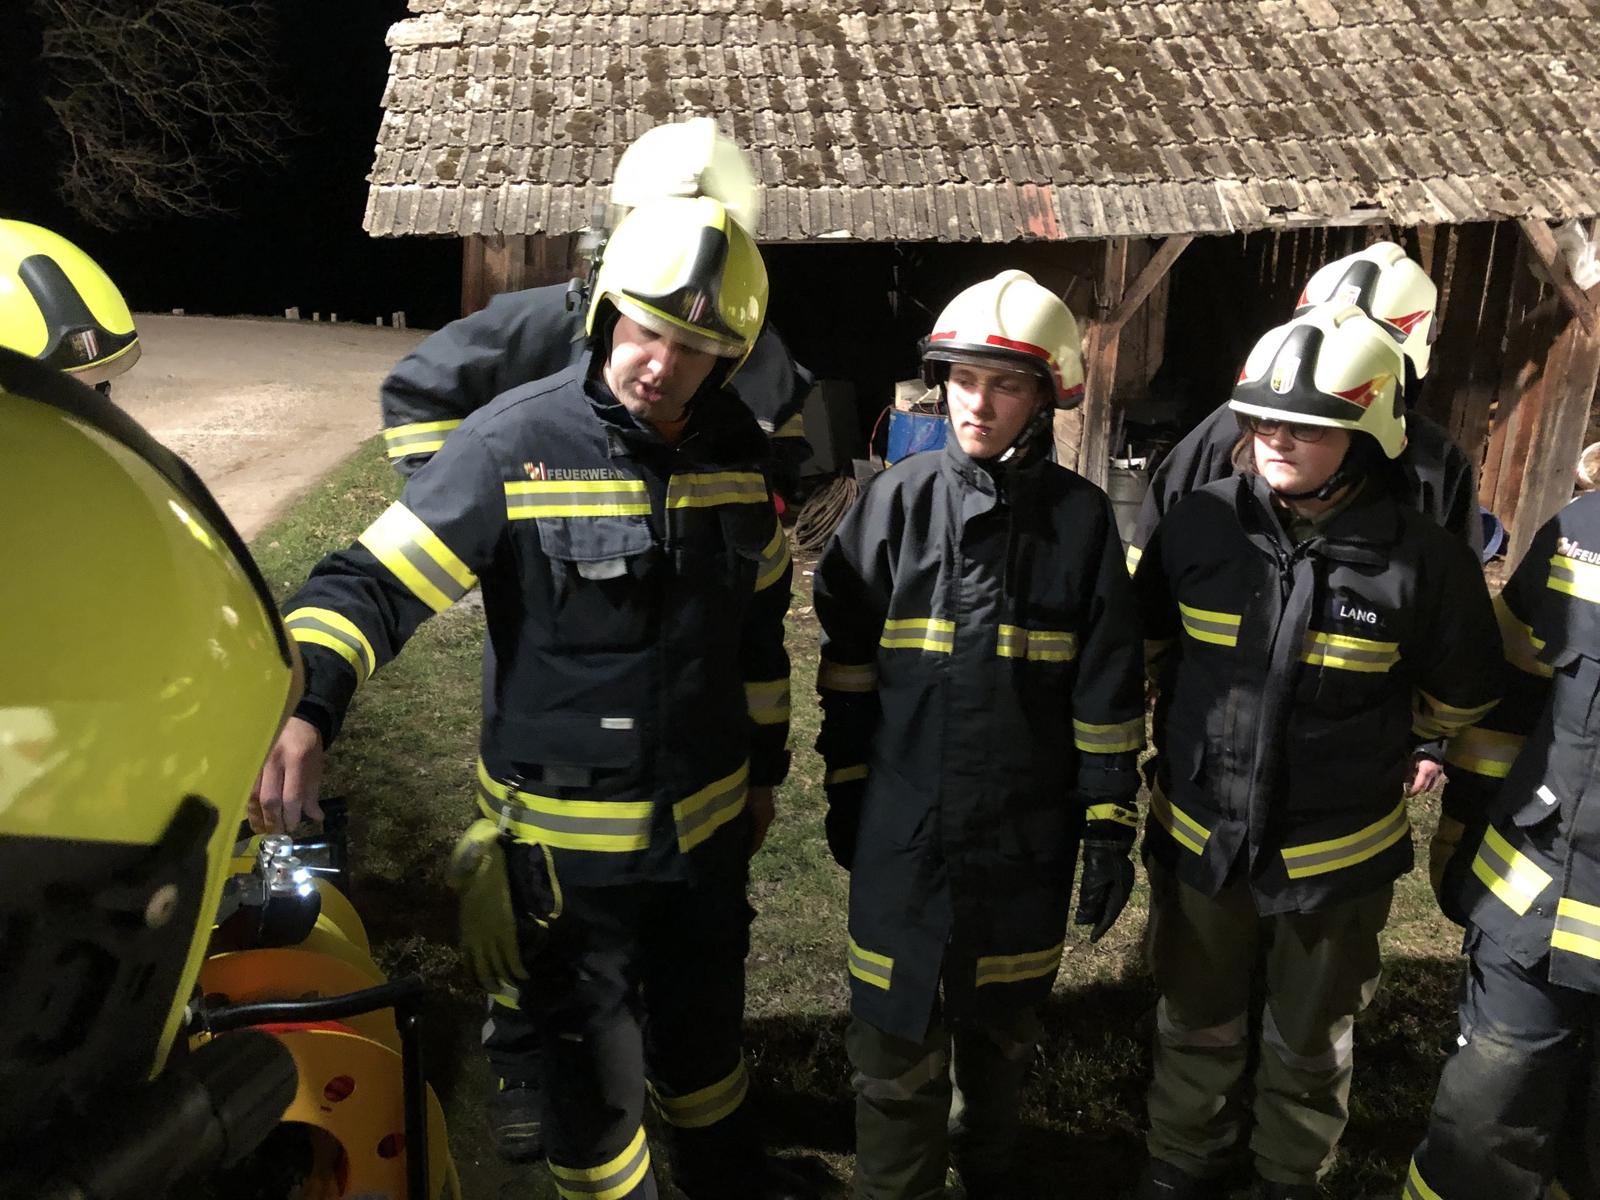 2019-03-21 Übung mit Hydraulischem Rettunggerät